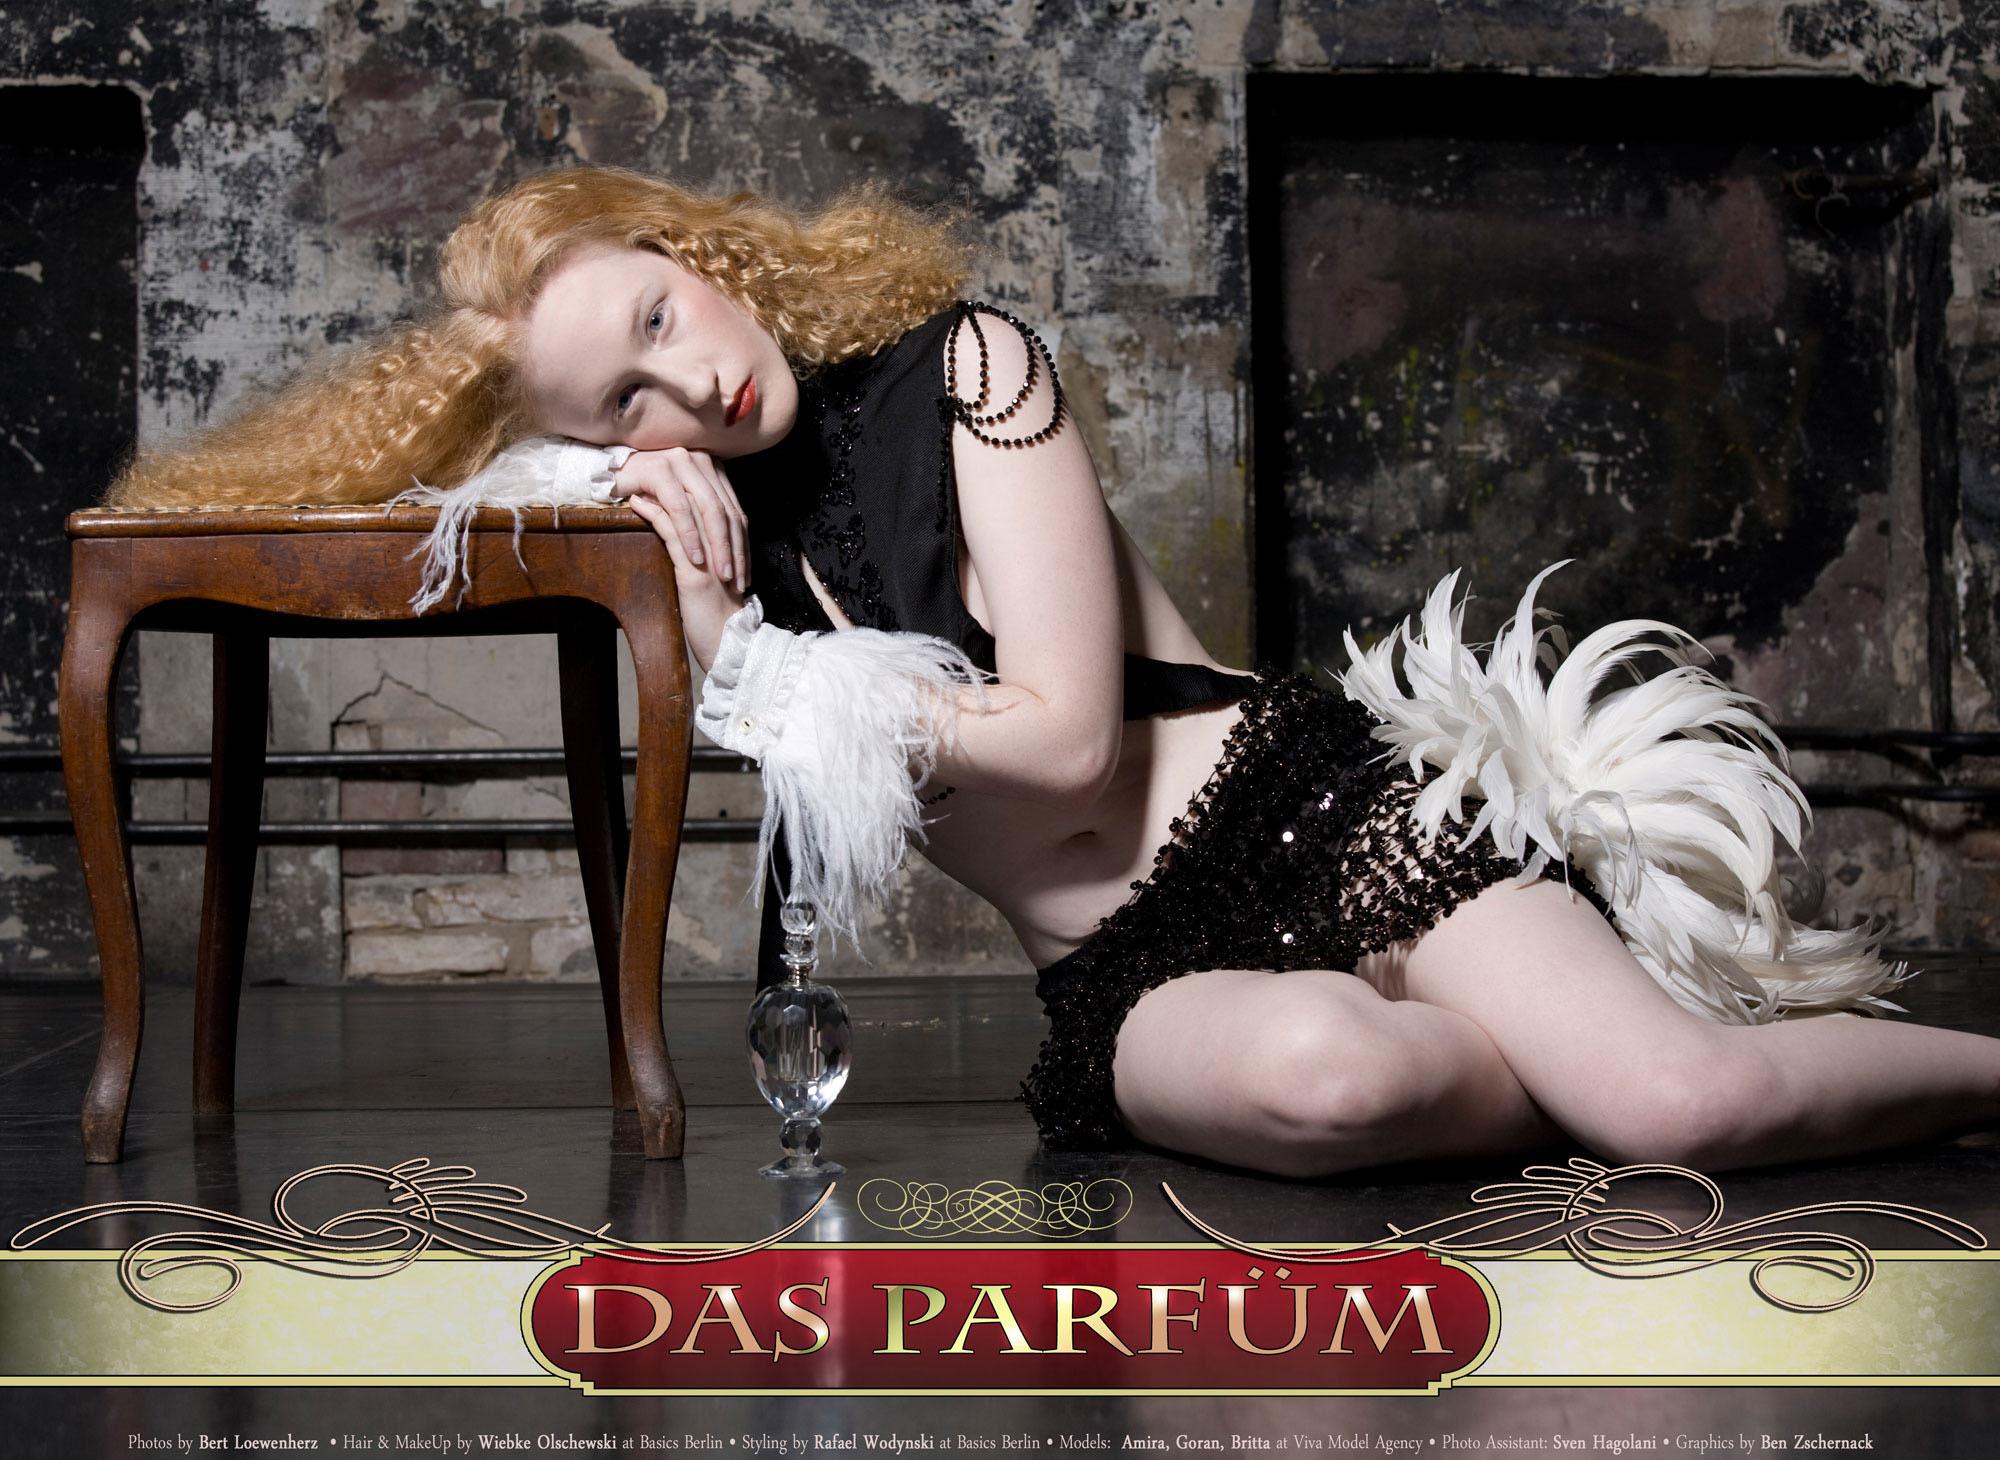 Das-Parfum a